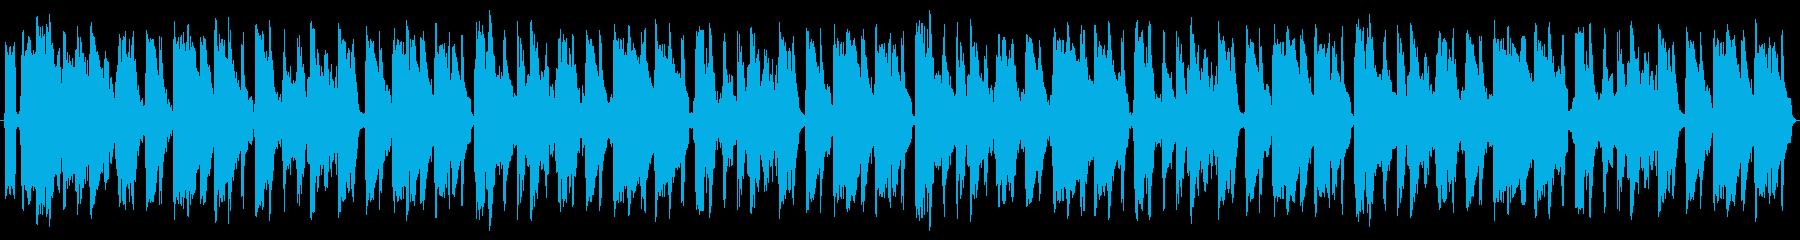 フォナーベッドの再生済みの波形